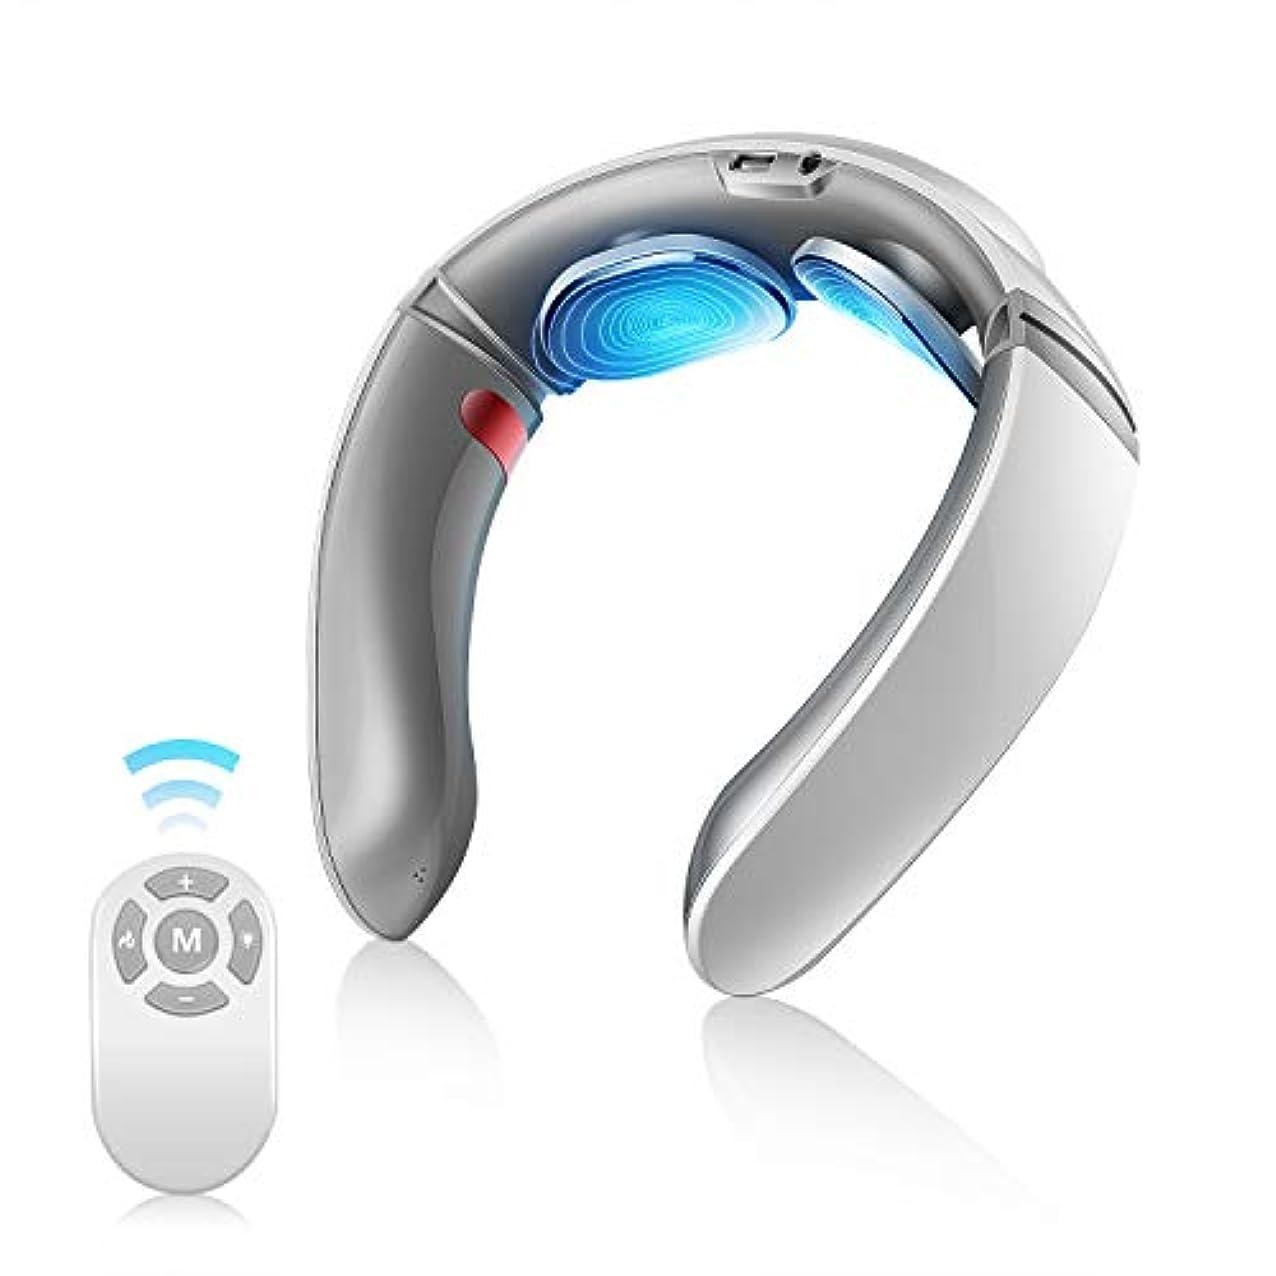 適合しました応答各首マッサージャー フットマッサージャー マッサージ器 マッサージクッション ヒーター付き ストレス解消 多機能 家庭用&職場用&車用USB充電式 プレゼント